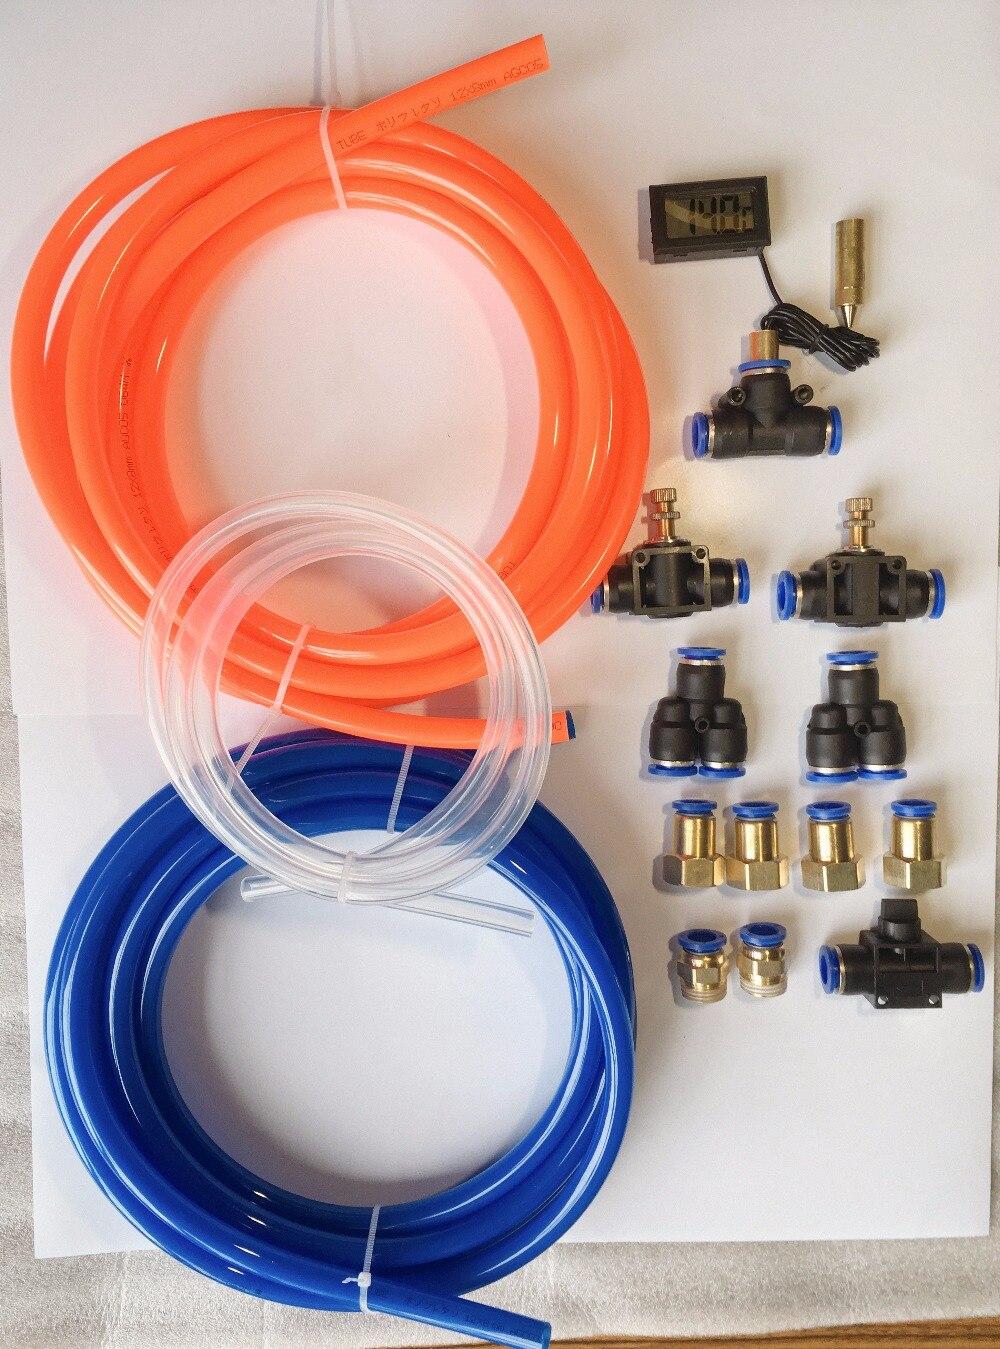 Комплект для системы водяного охлаждения 1. Шланг OD12mm